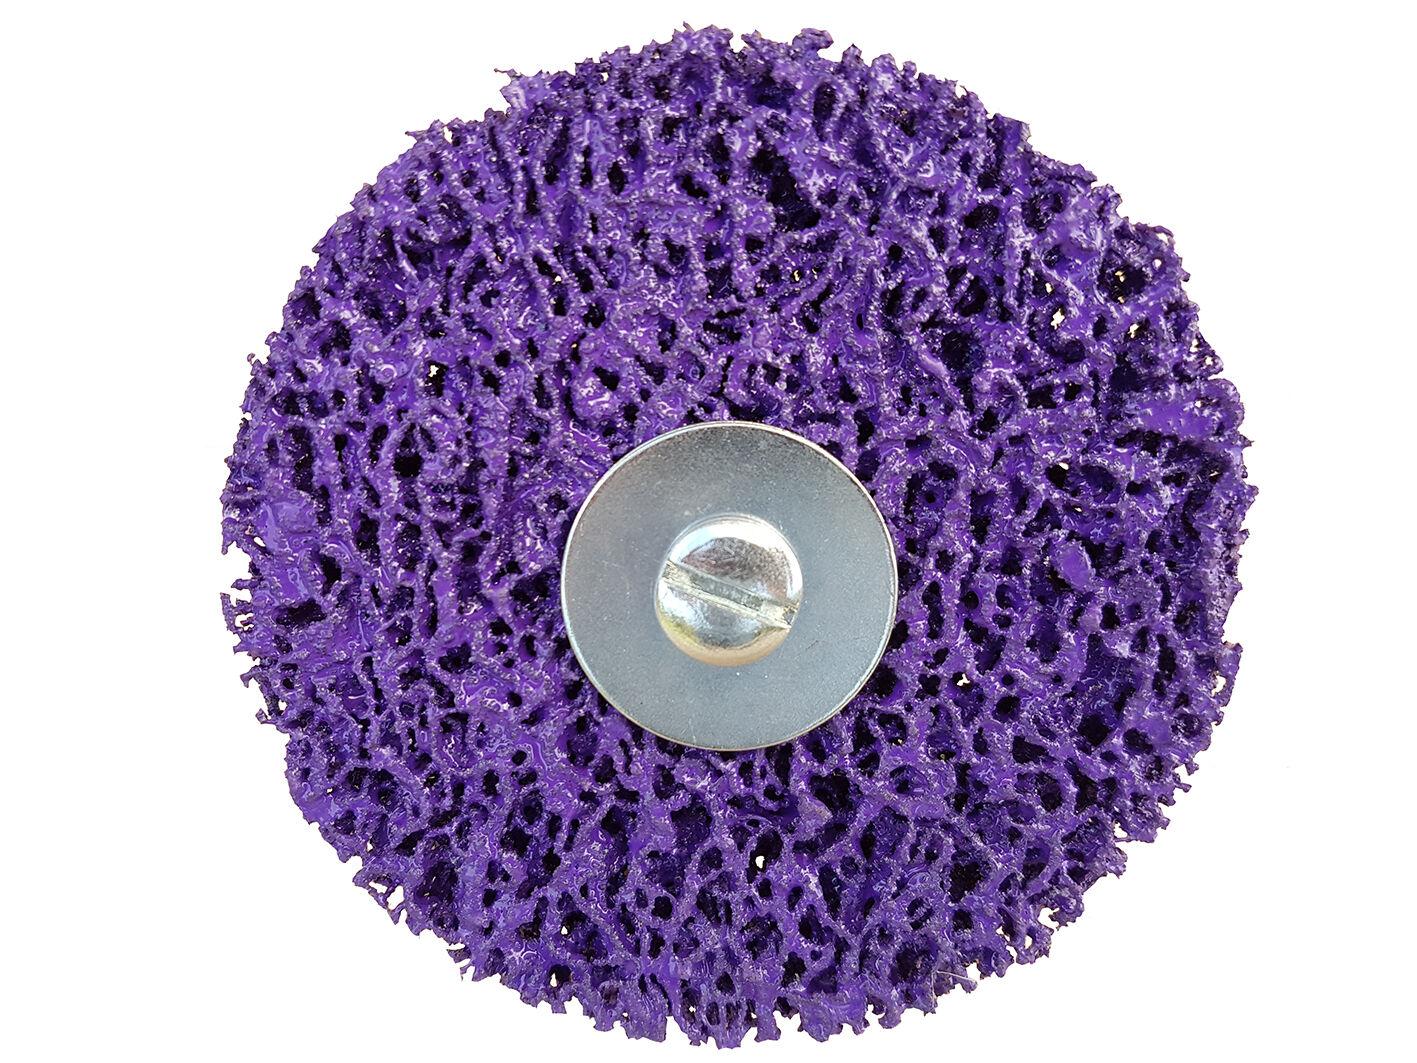 rostio csd scheibe schleifscheibe reinigungsscheibe rostentferner lila purple ebay. Black Bedroom Furniture Sets. Home Design Ideas